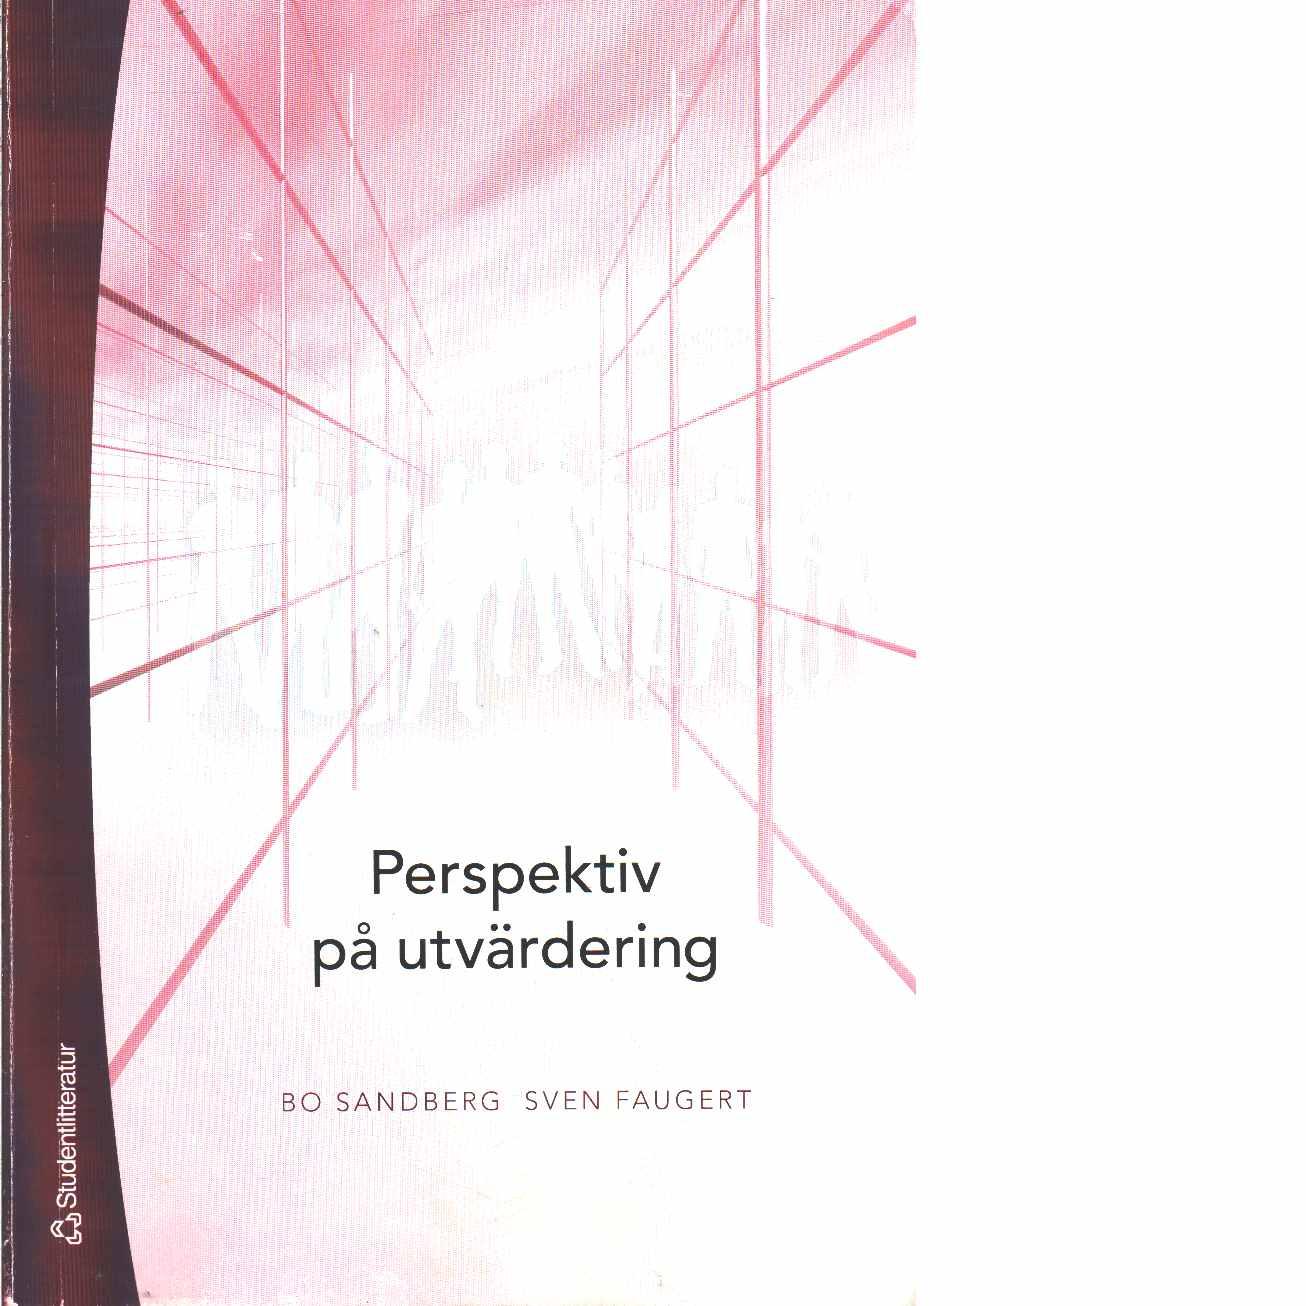 Perspektiv på utvärdering  - Sandberg, Bo och Faugert, Sven